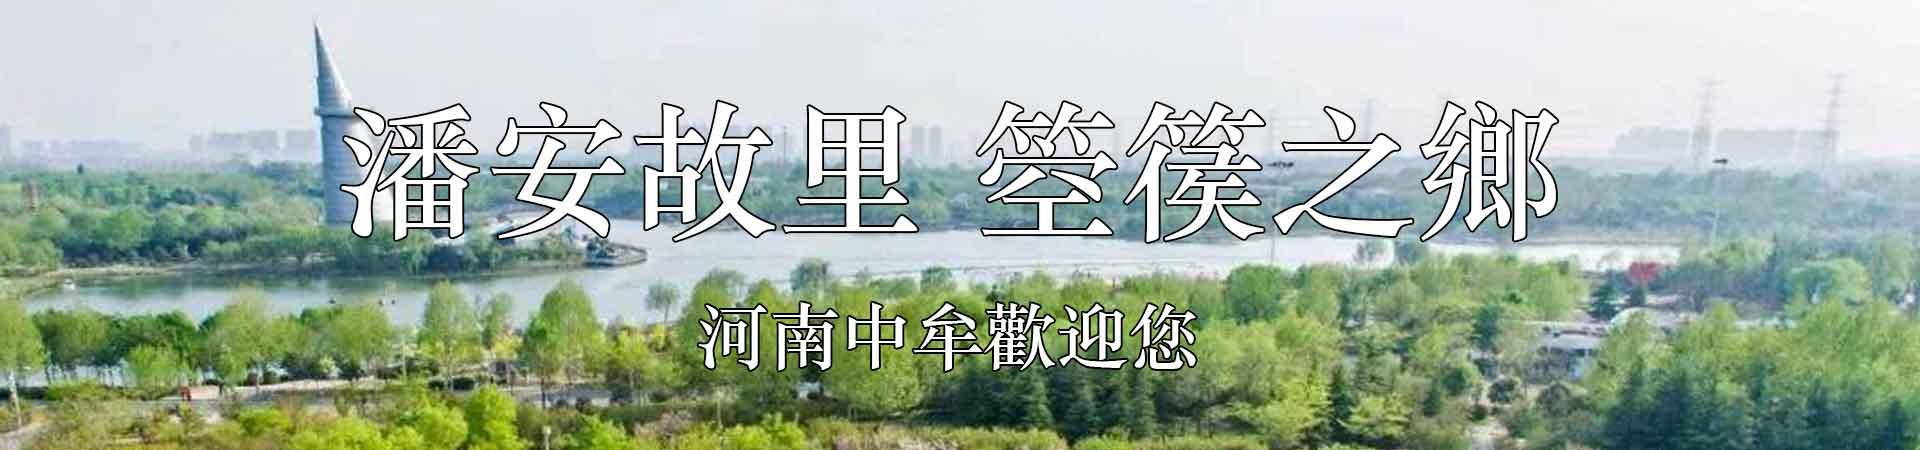 潘安故里 箜篌之乡